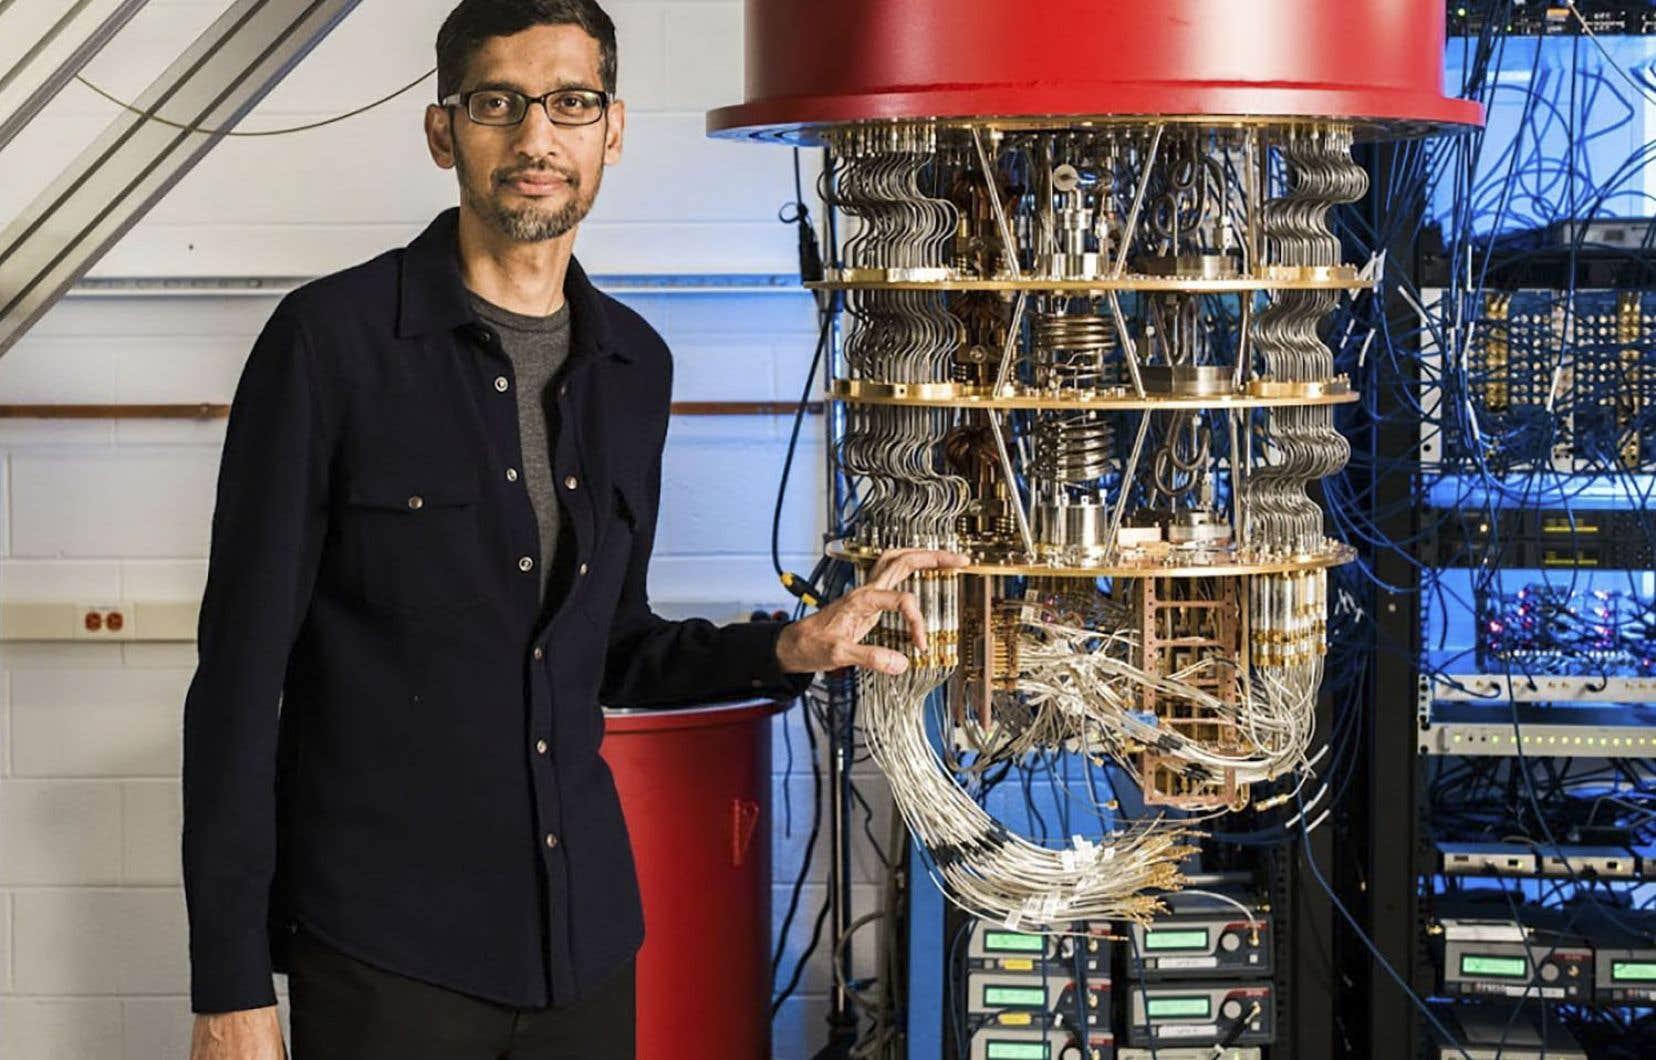 Le pdg de Google, Sundar Pichai, à côté de l'un des ordinateurs quantiques de Google dans le laboratoire de Santa Barbara.